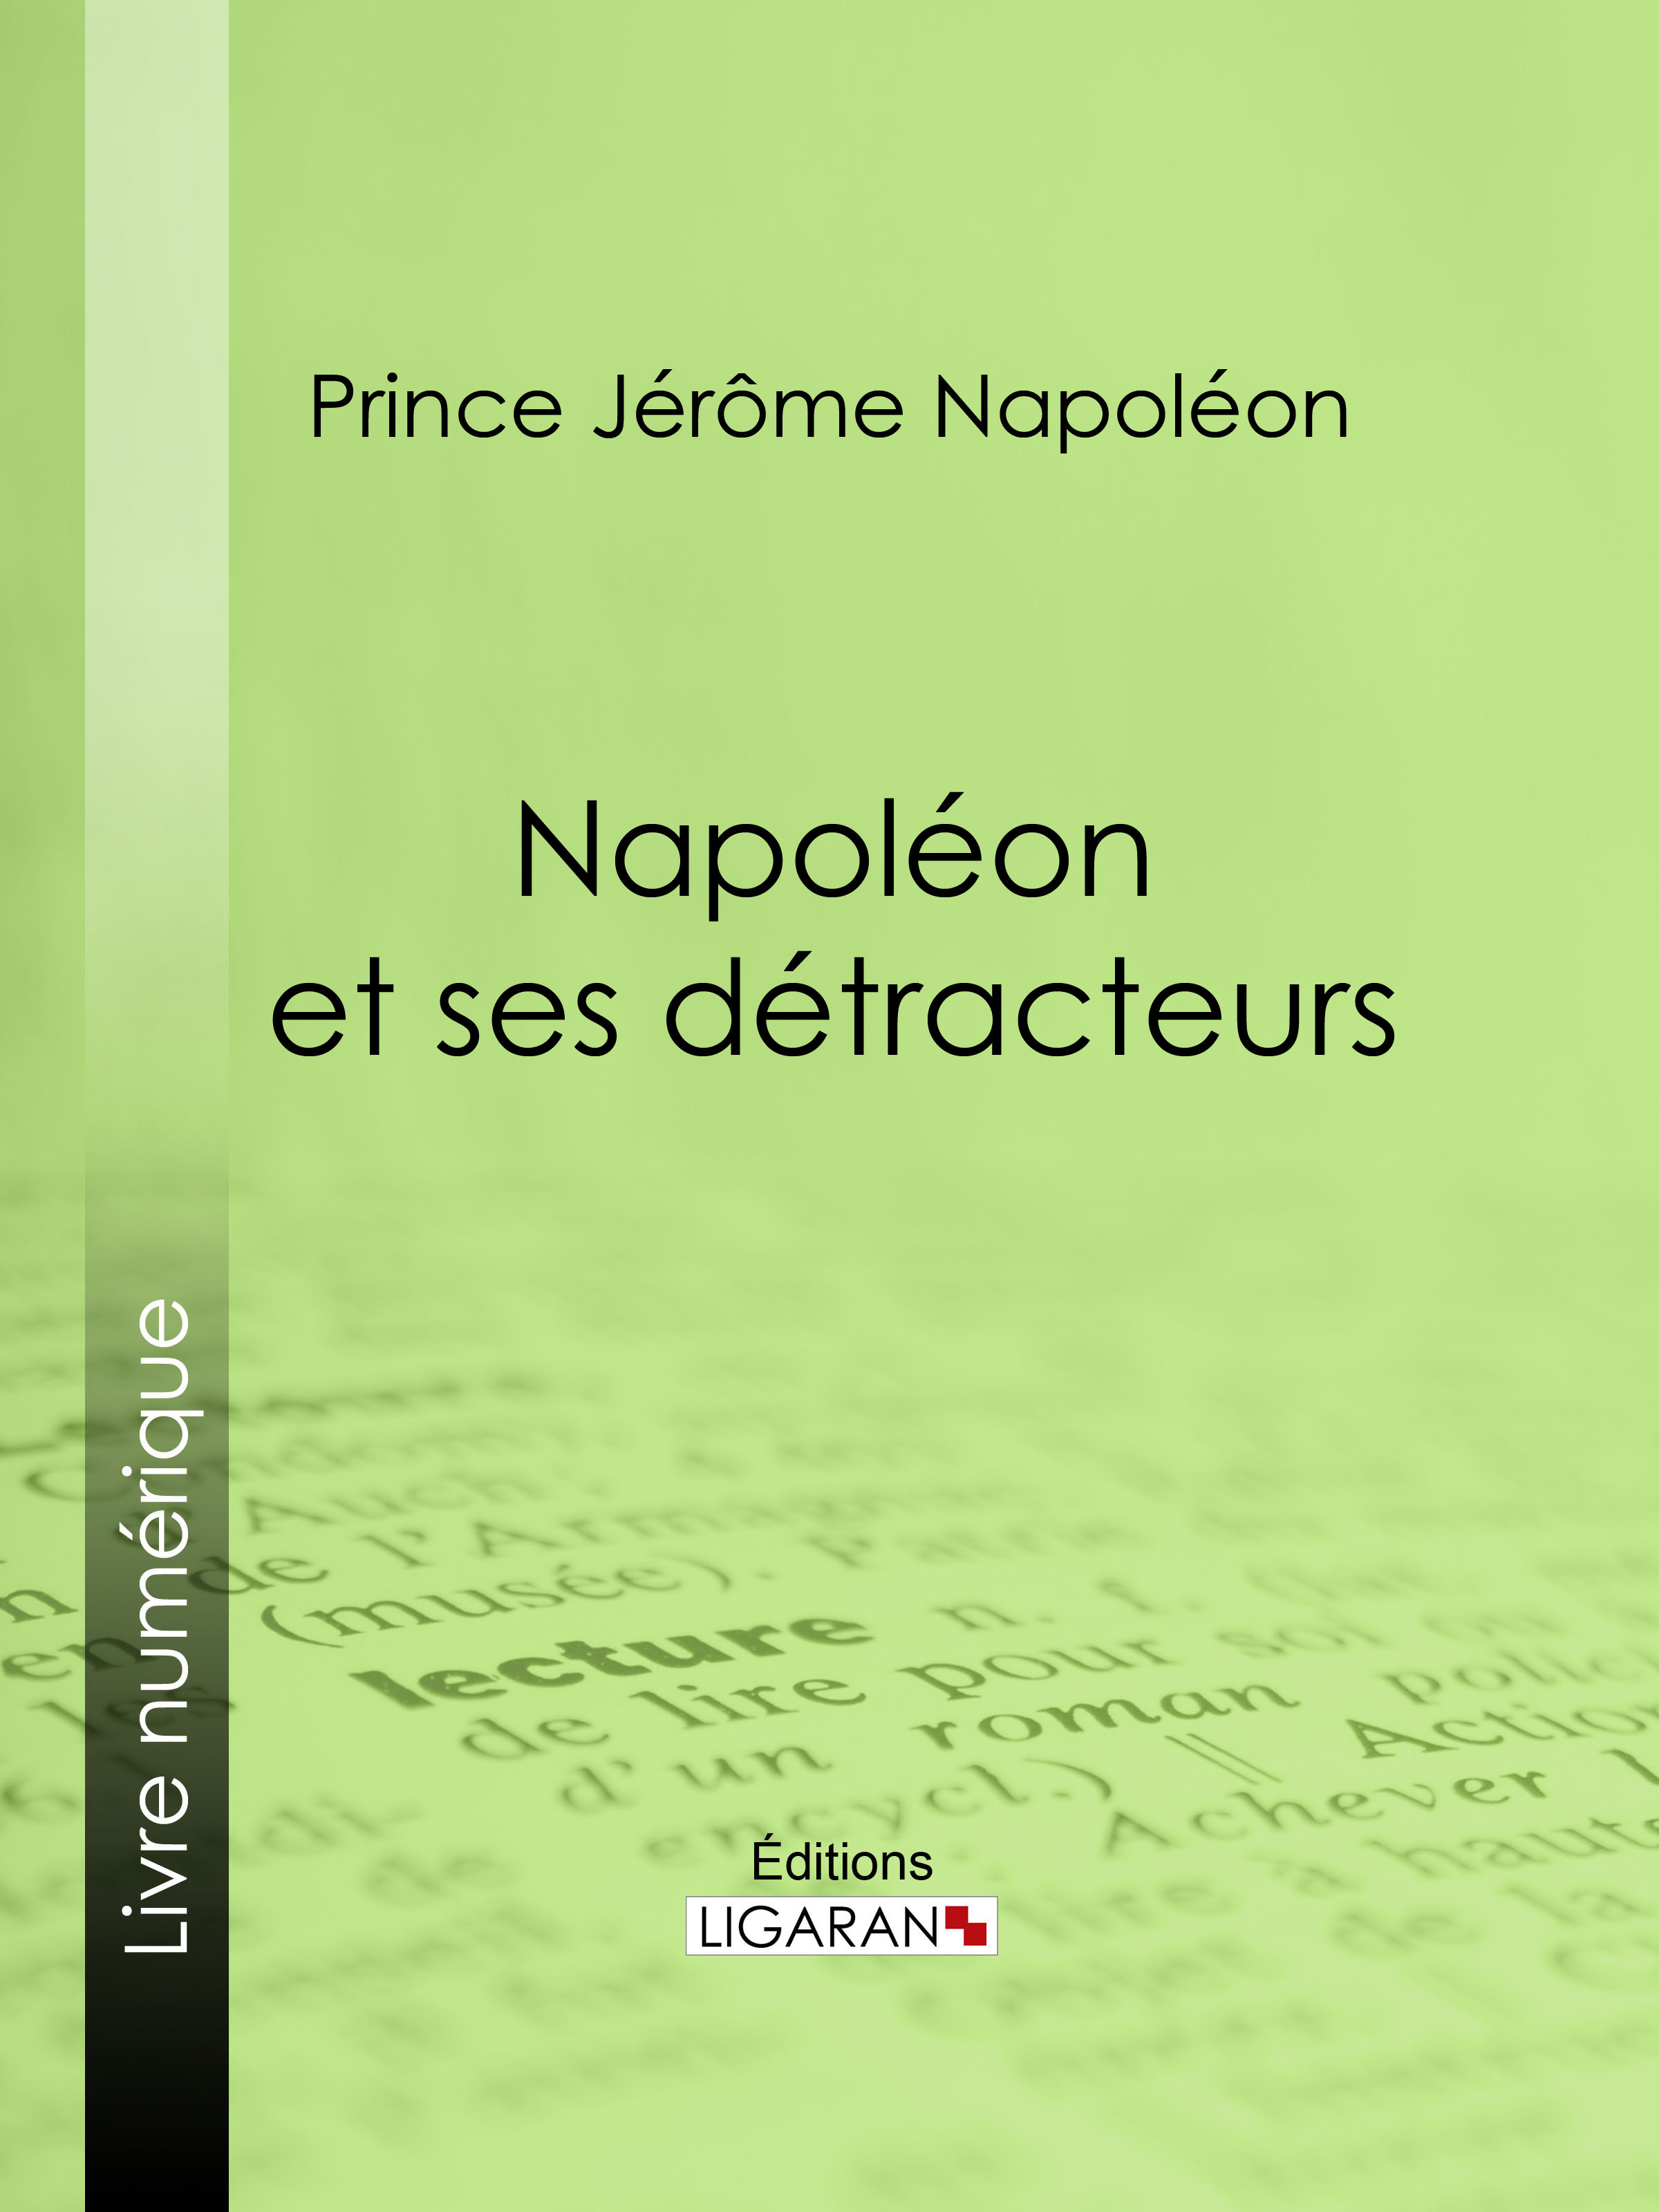 Napoléon et ses détracteurs